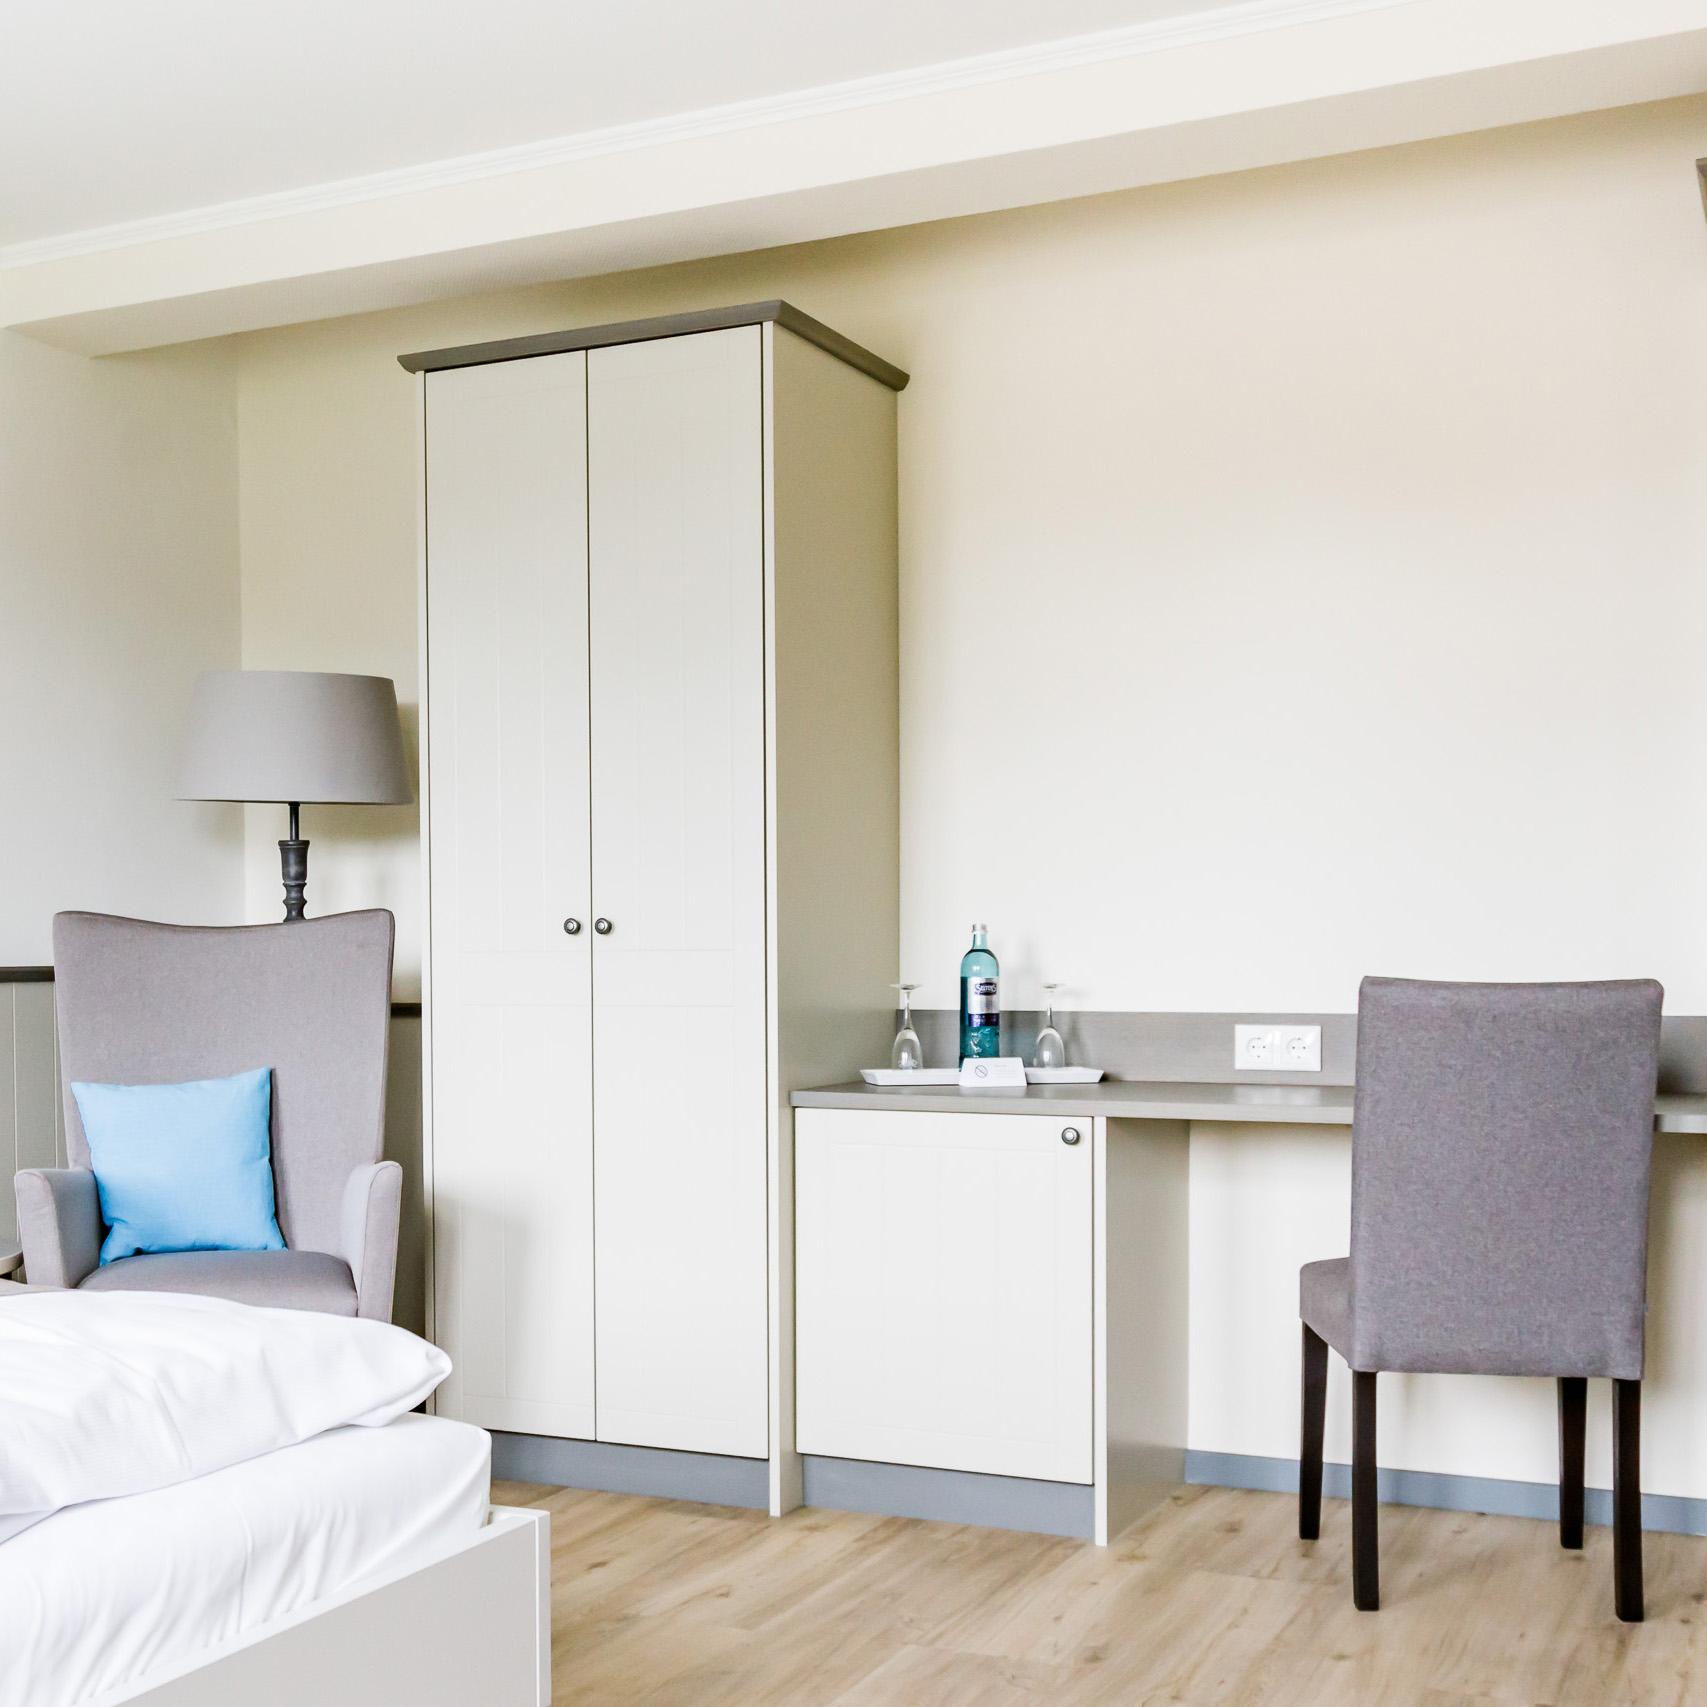 zimmer preise hotel klein amsterdam in friedrichstadt. Black Bedroom Furniture Sets. Home Design Ideas